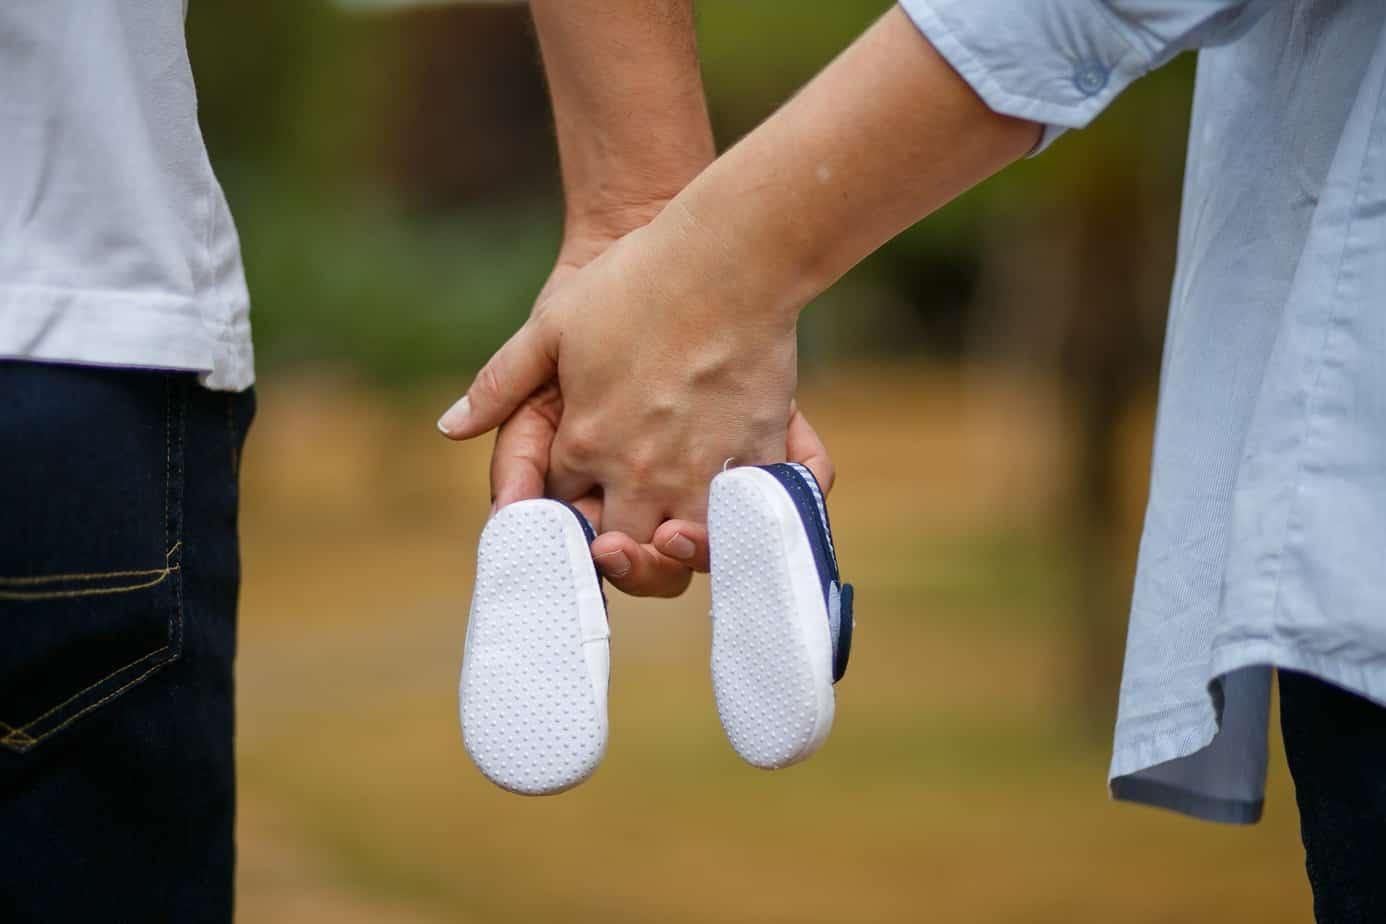 Comment l'ostéopathie peut-elle être un traitement à l'infertilité ?